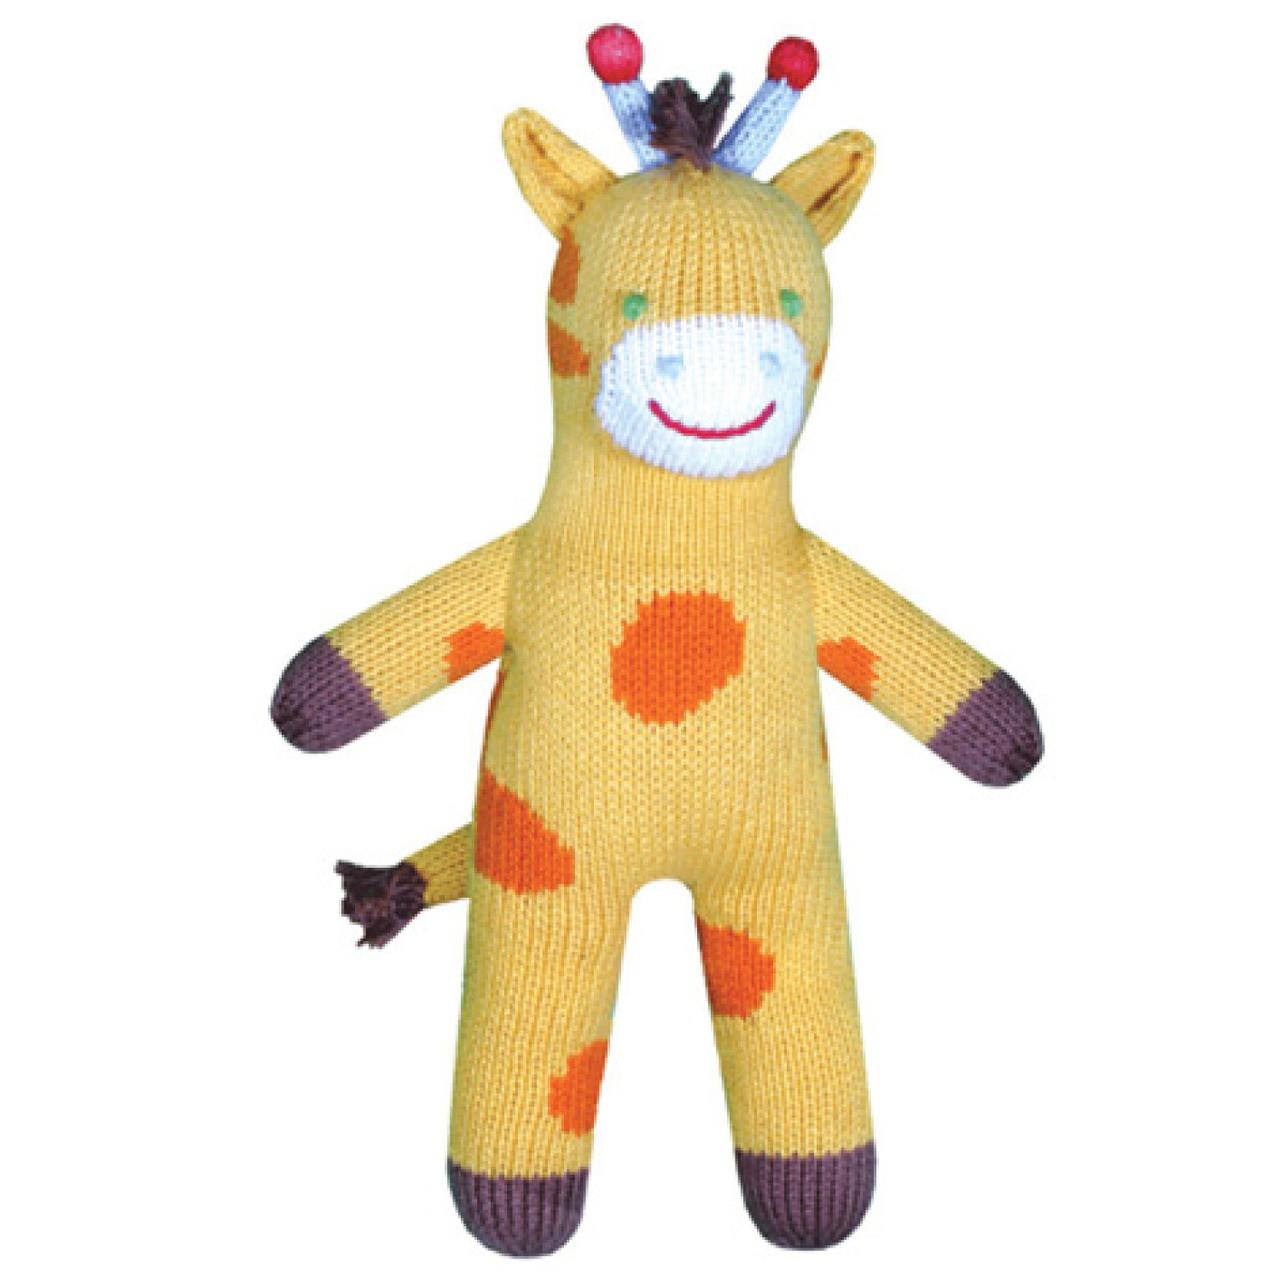 Zubels | Knit Giraffe